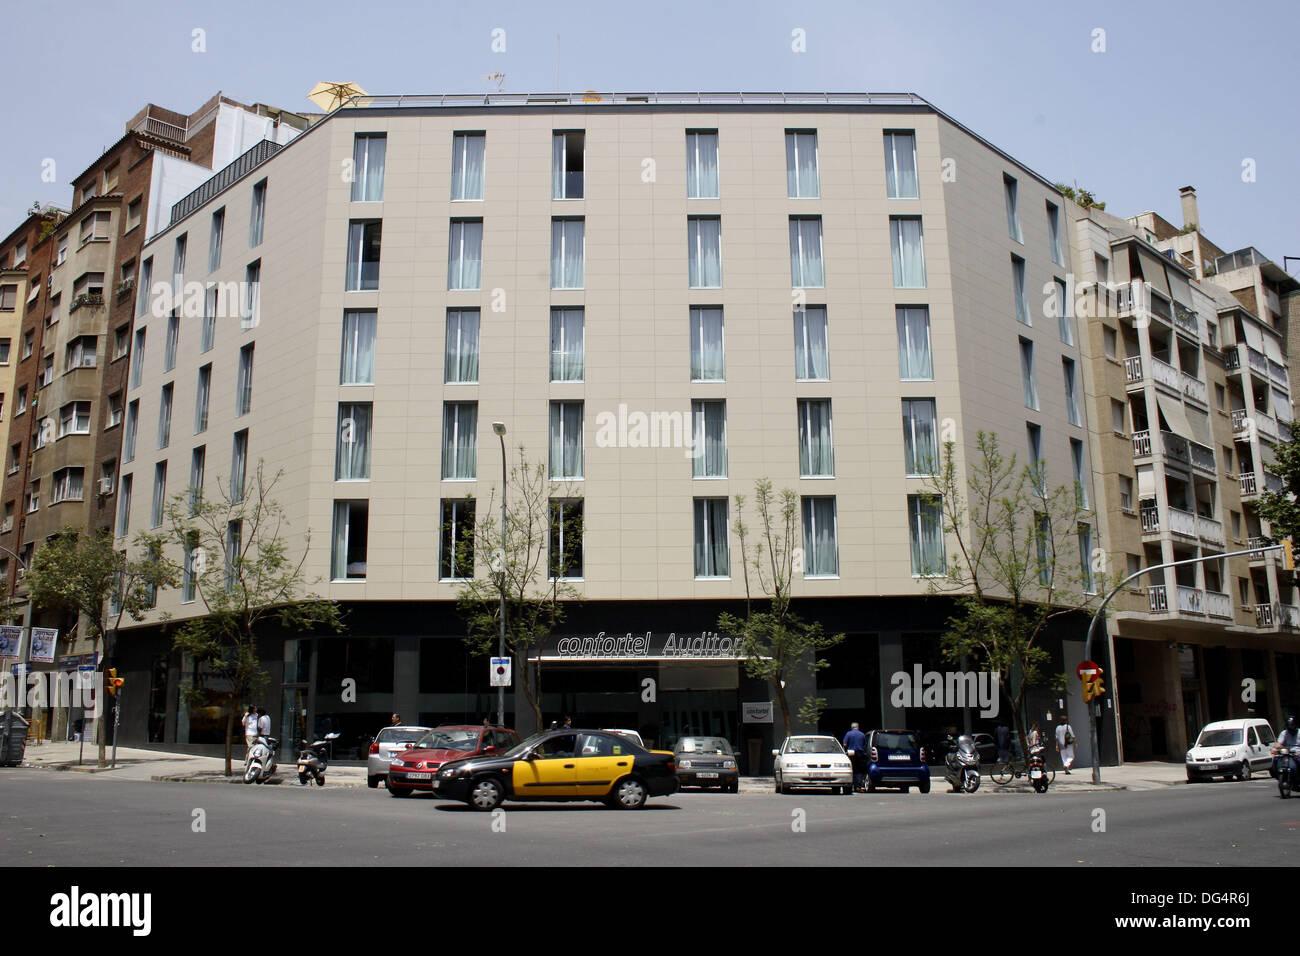 Confortel auditori hotel barcelona catalonia spain - Hotel confortel auditori ...